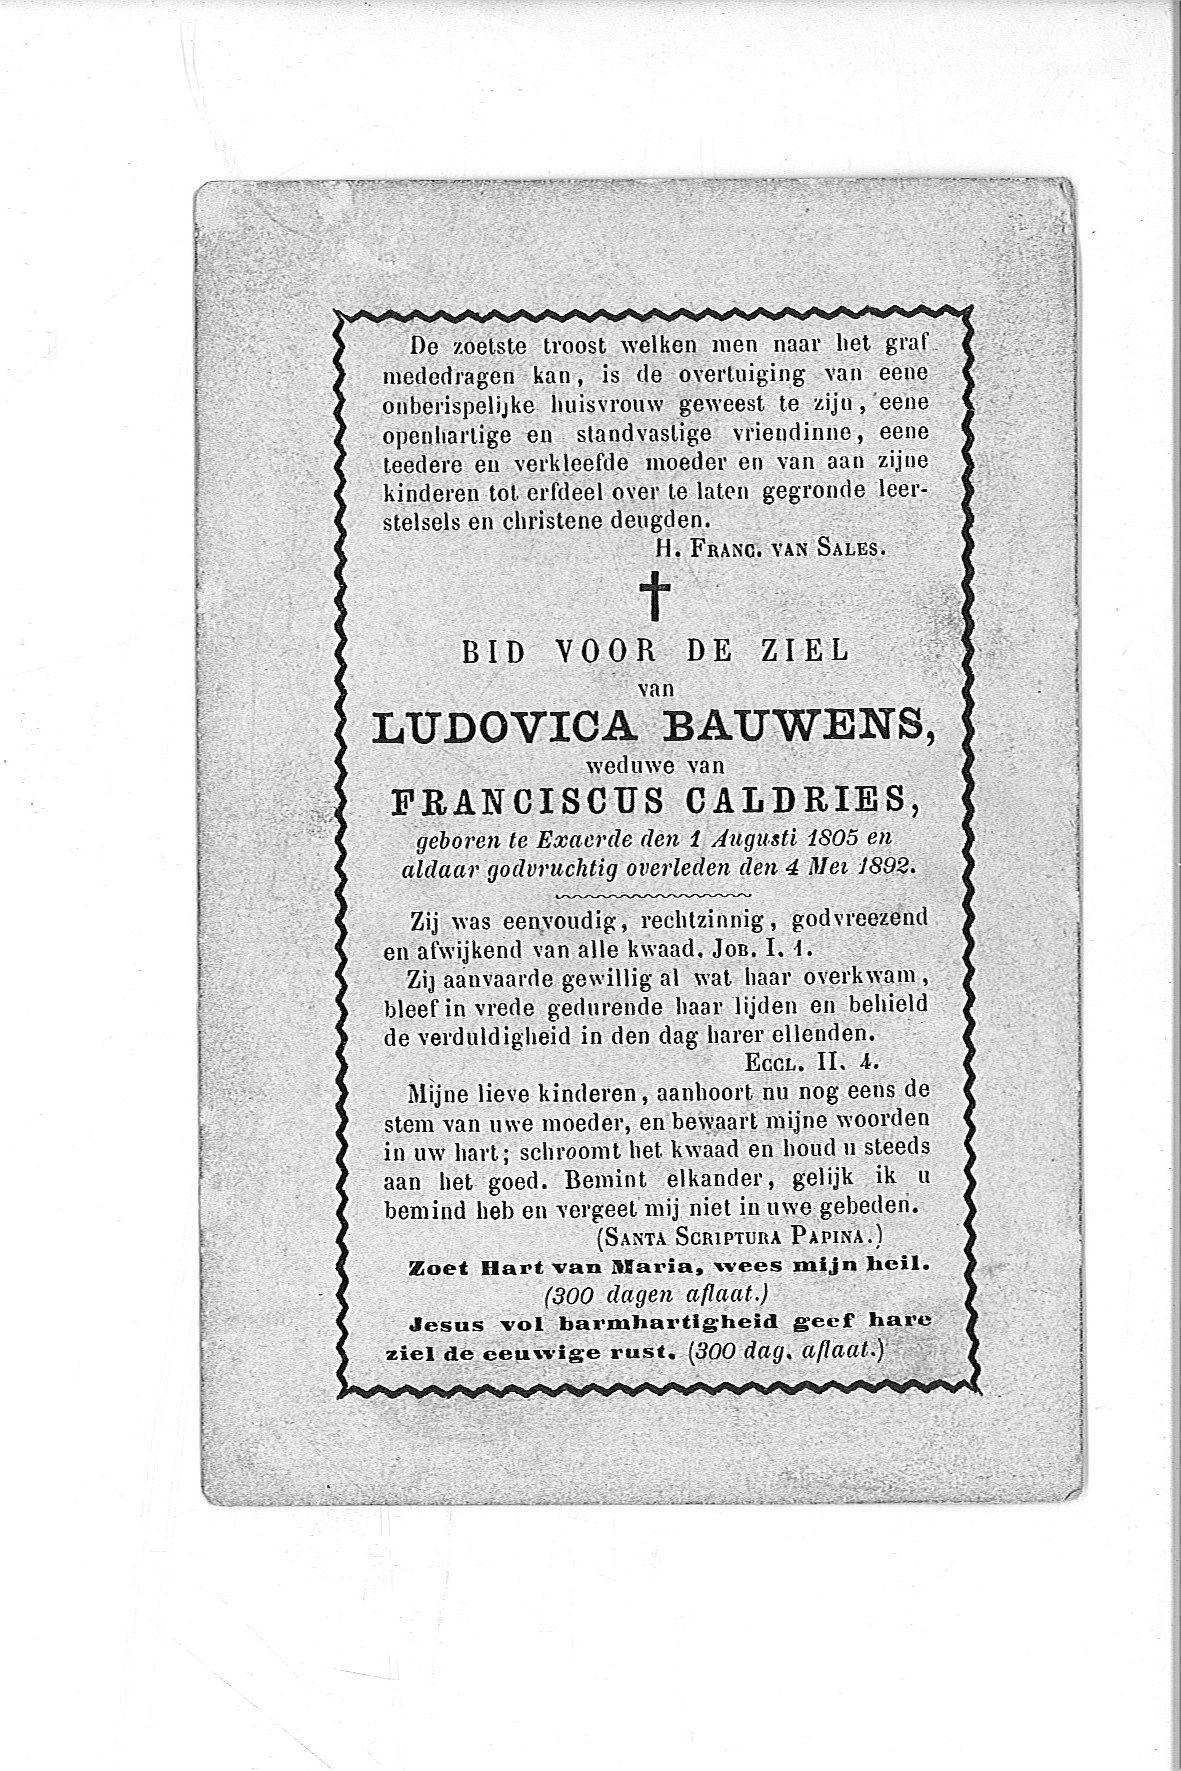 ludovica(1892)20090723110044_00006.jpg